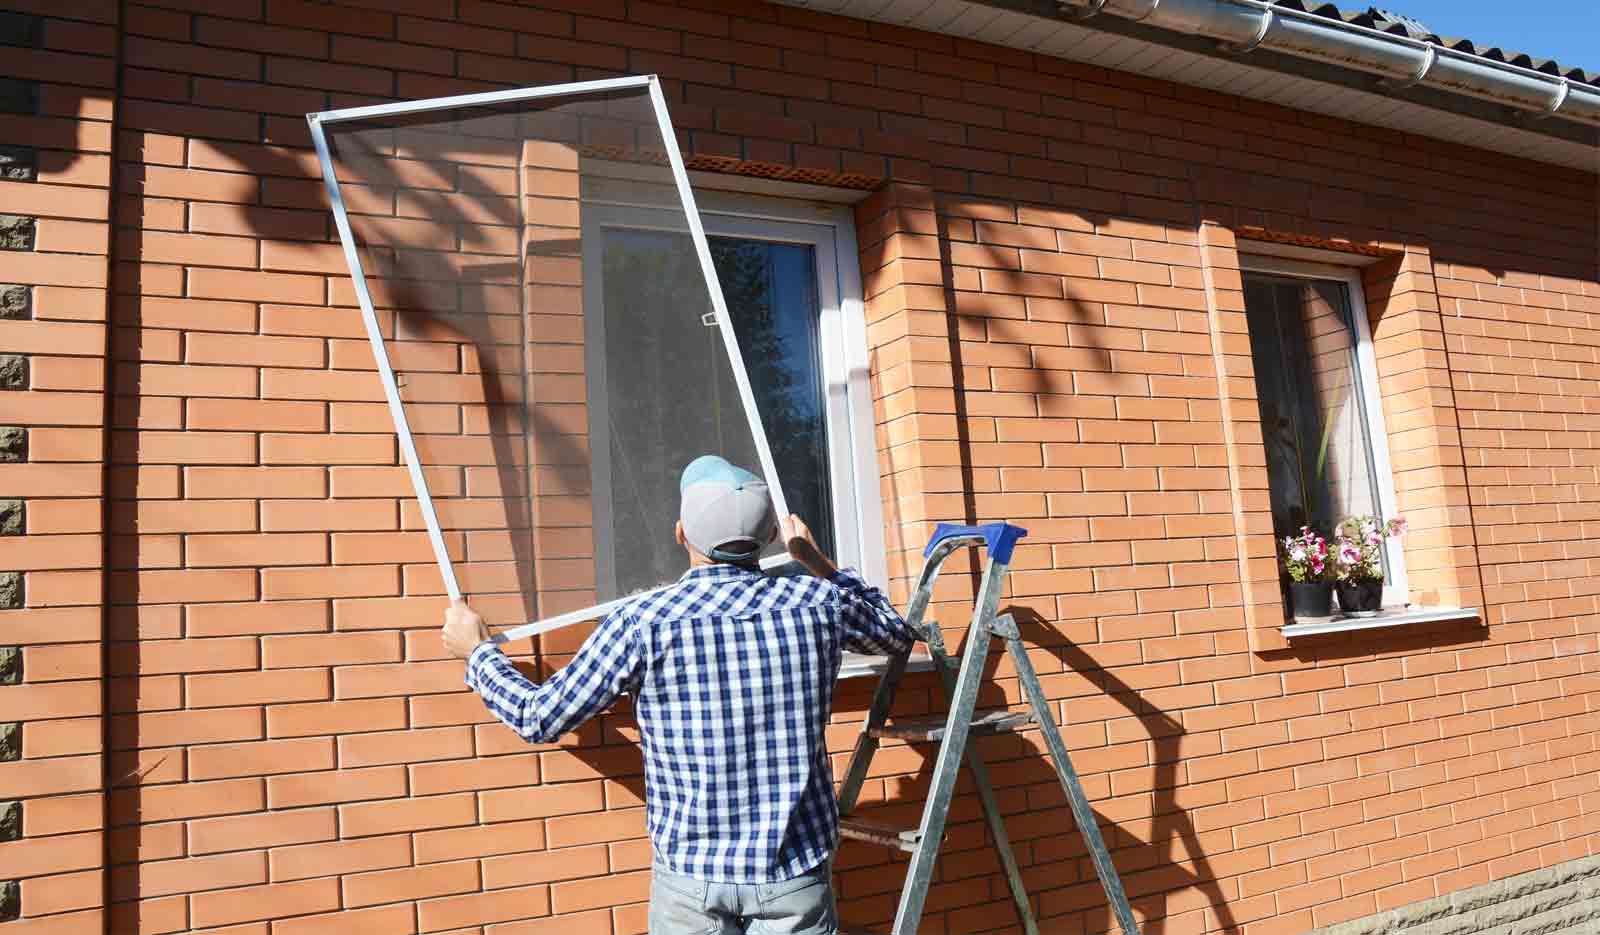 china-aluminium-window-with-mosquito-netting-screen